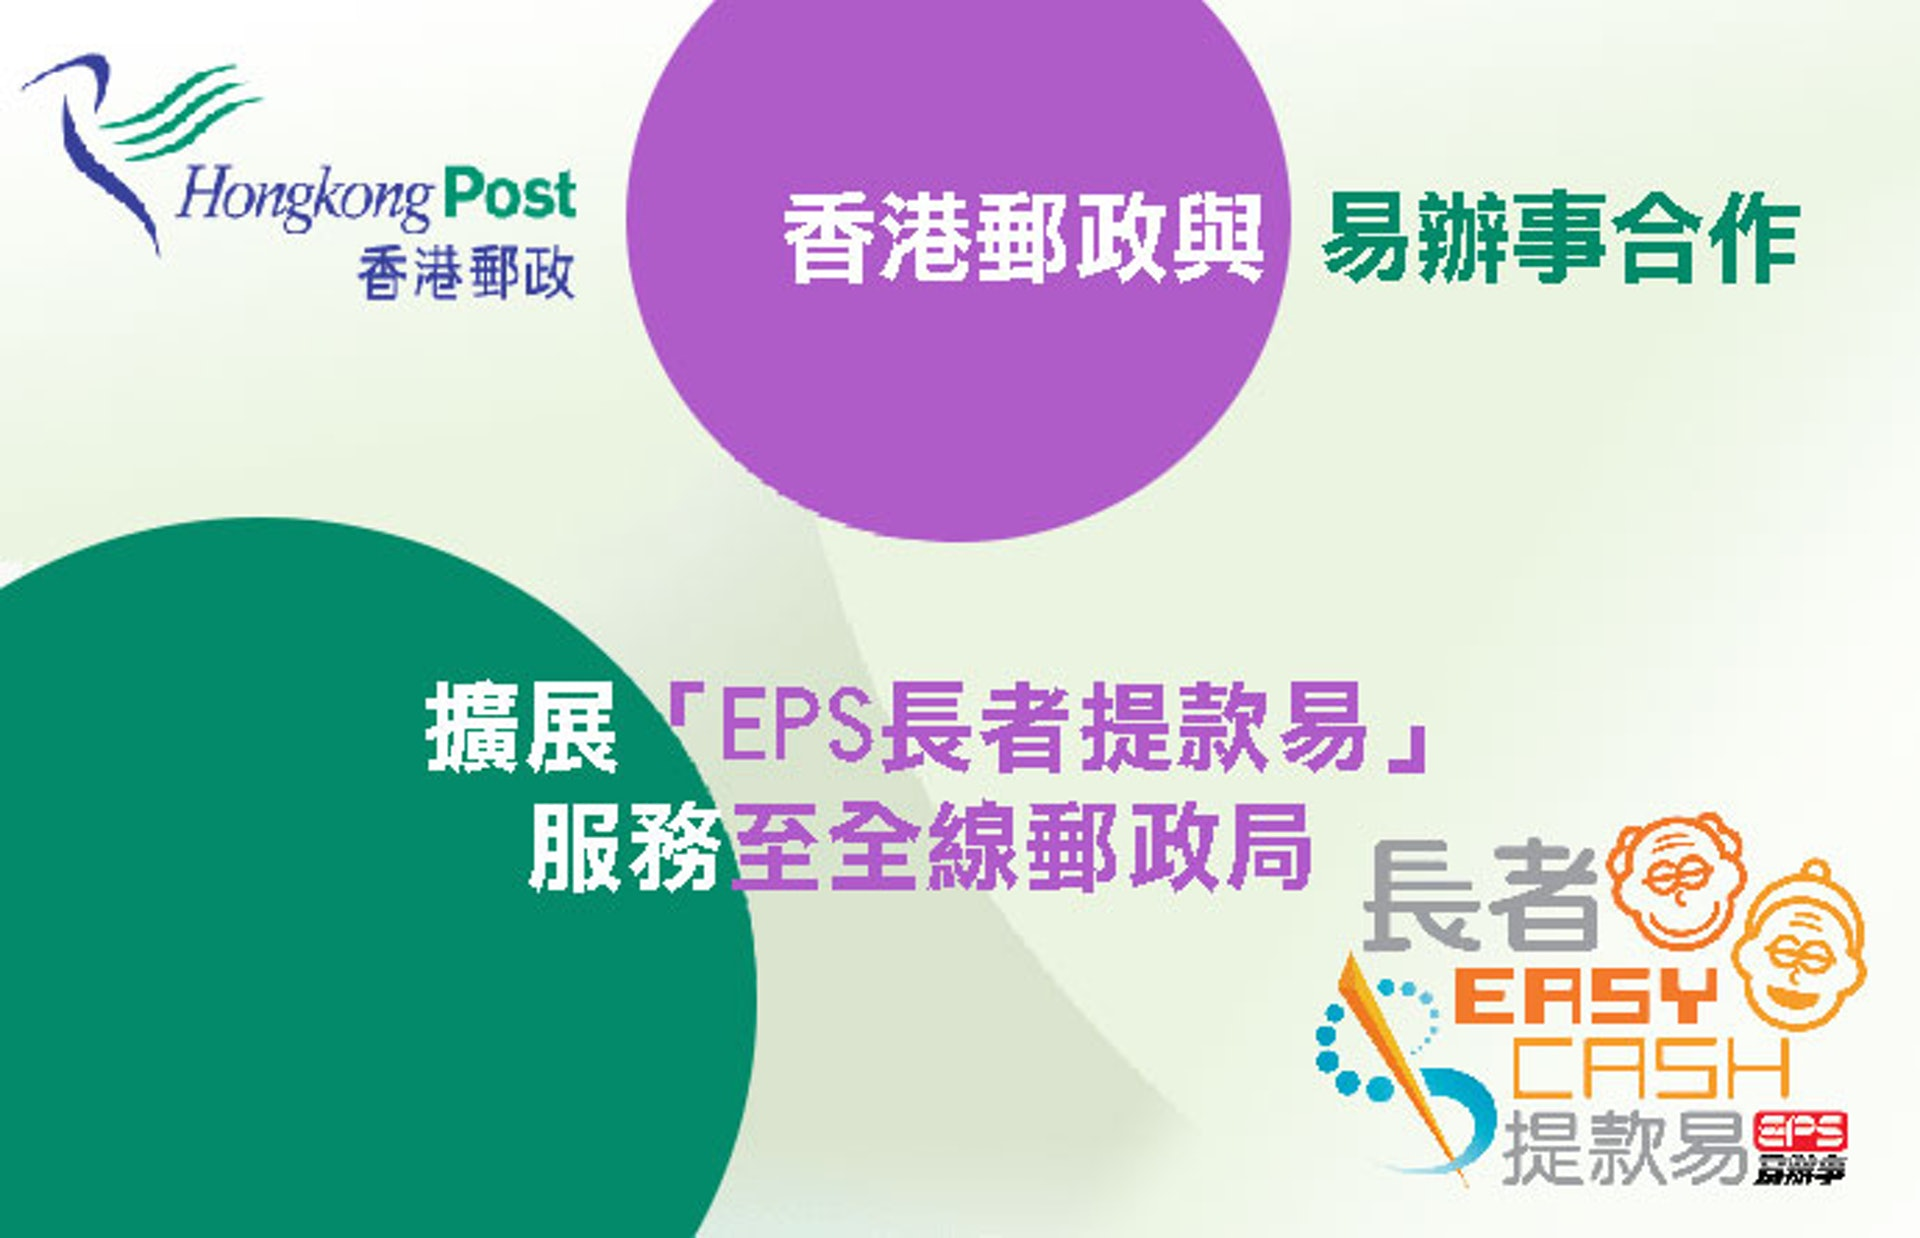 香港郵政今日宣布,7月2日擴展與易辦事攜手推行的「EPS長者提款易」服務至全線郵政局及流動郵政局。(香港郵政提供)